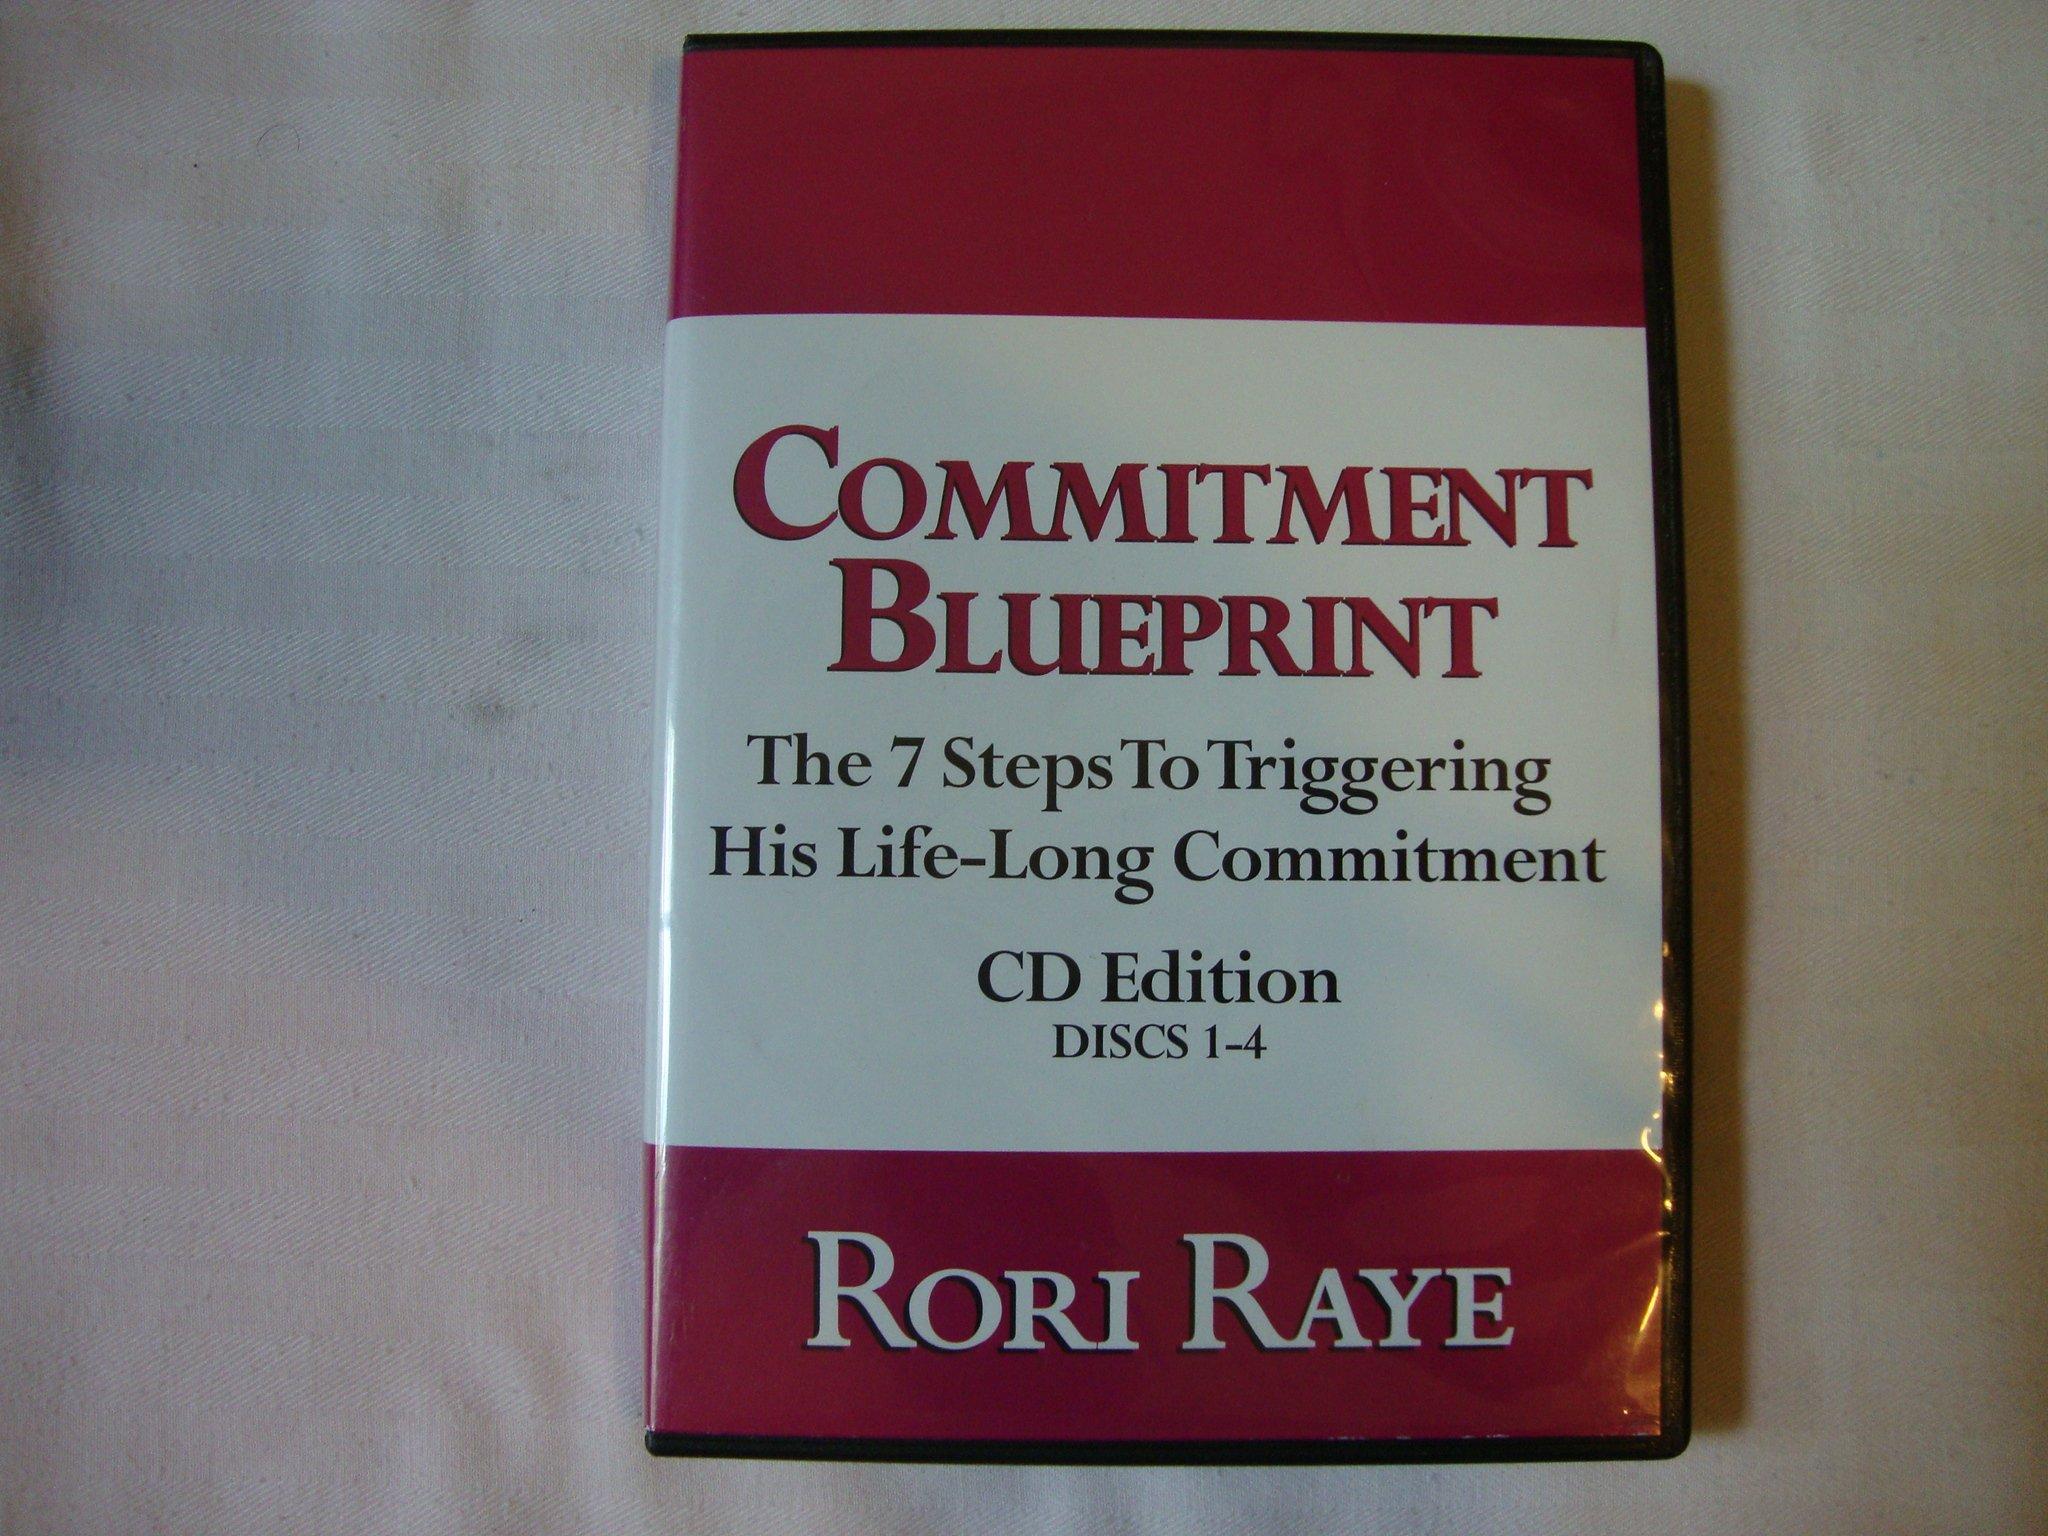 Rori Raye - Commitment Blueprint